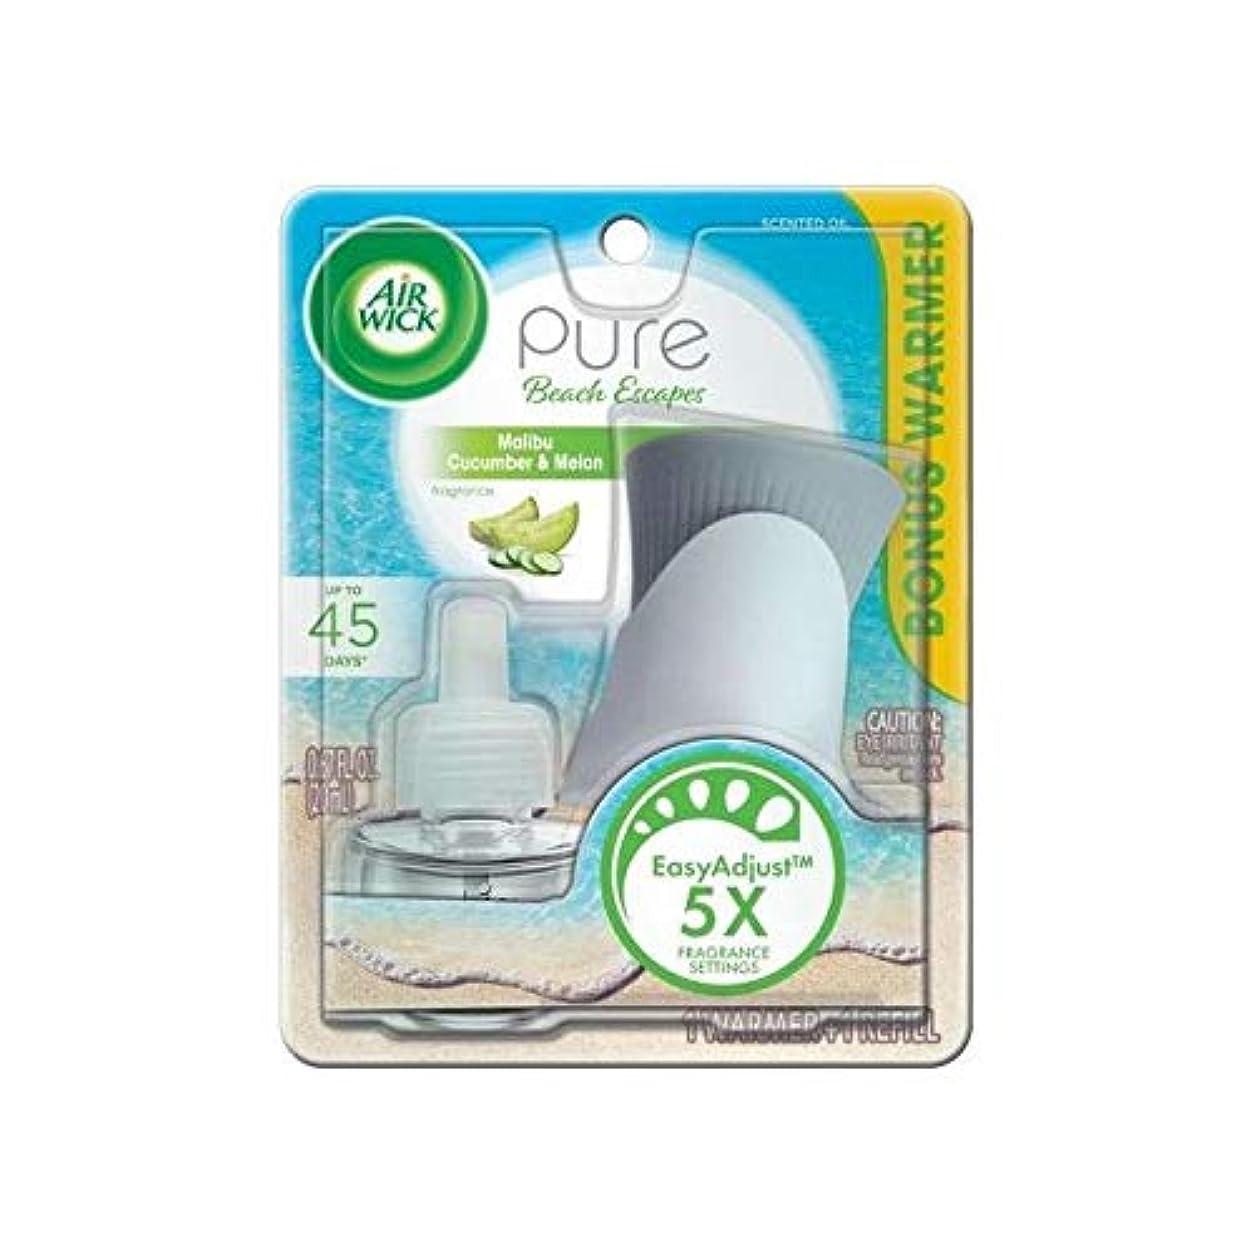 人気の積極的に時代遅れ【Air Wick/エアーウィック】 プラグインスターターセット オイルウォーマー本体+詰替えリフィル1個 マリブ キューカンバー&メロン Air Wick Pure Beach Escapes Malibu Cucumber & Melon Scented Oil Starter Kit [並行輸入品]